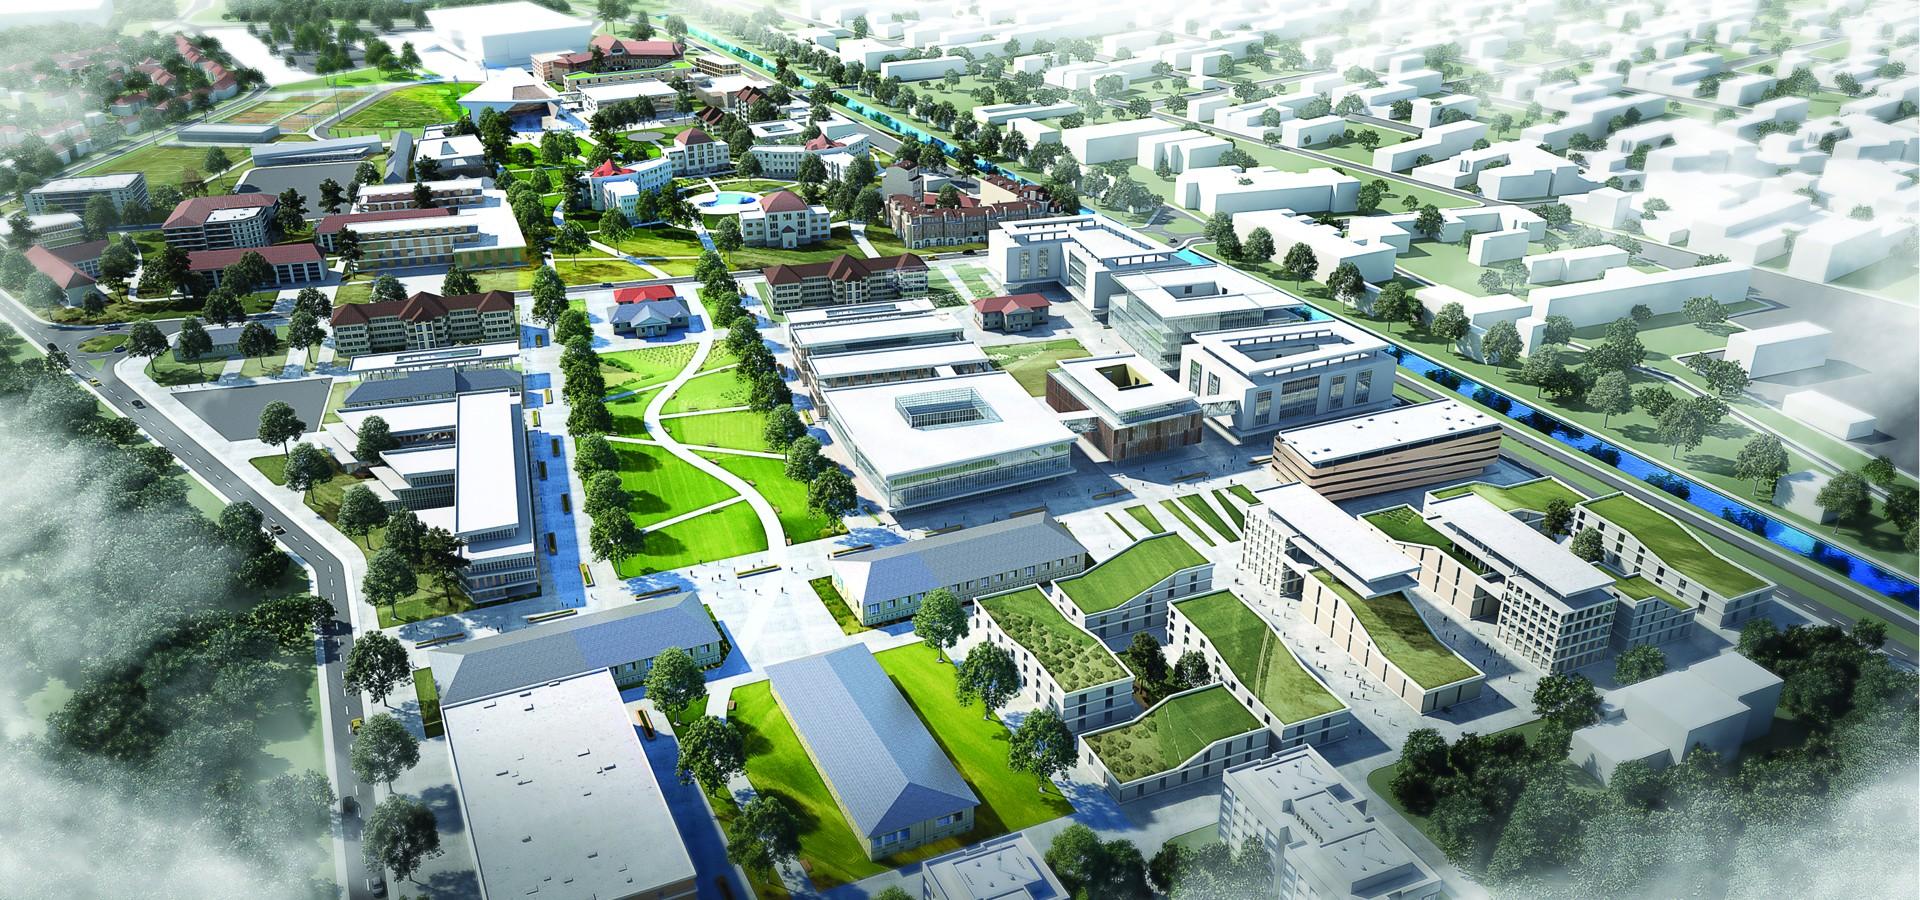 Proiectul de masterplan al campusului universitar, prezentat la Primăria Oradea